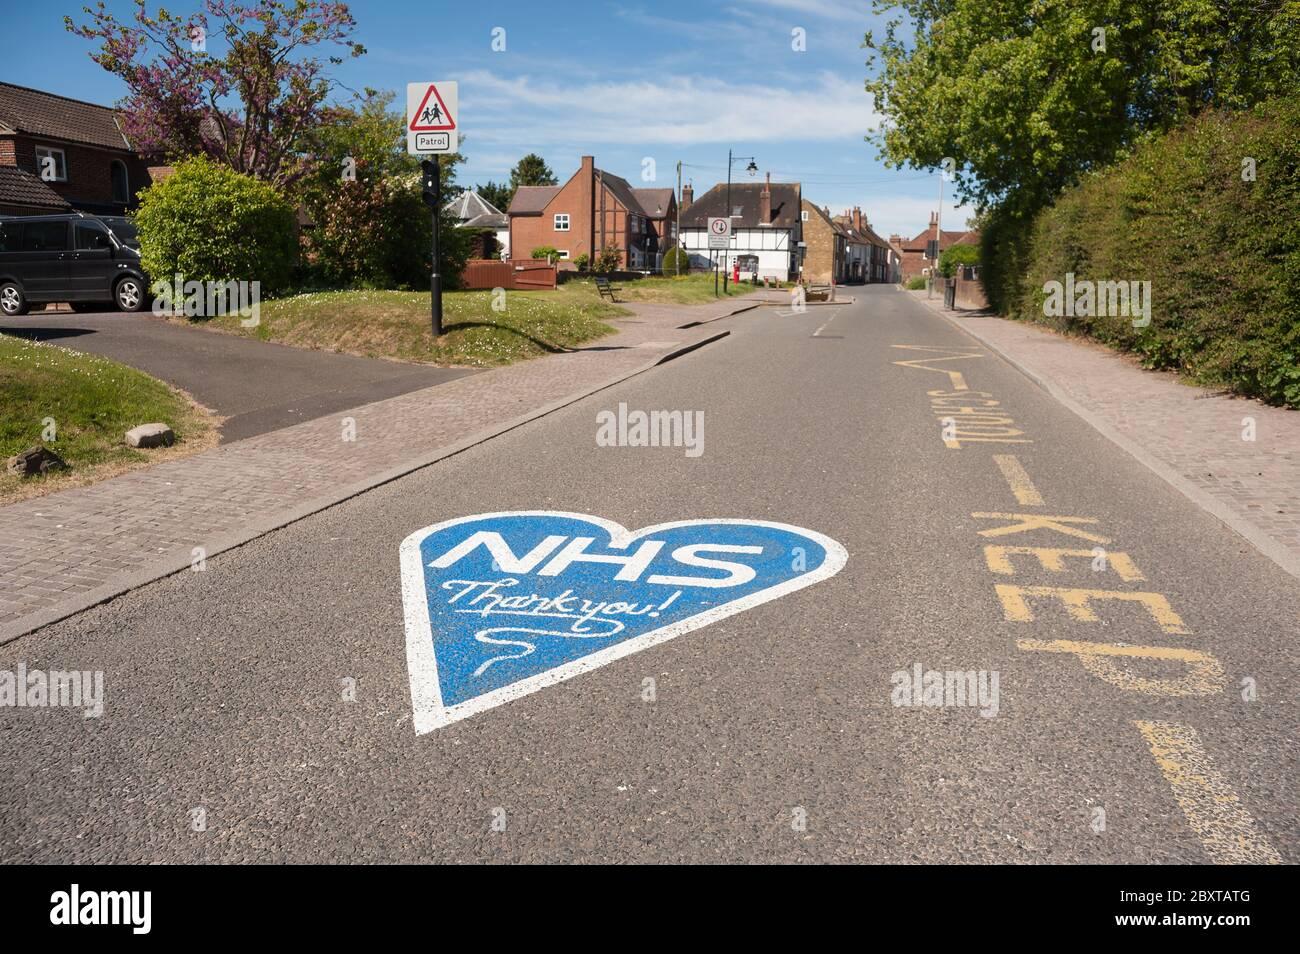 Merci NHS en bleu peint à l'extérieur de l'école Cobham fermé en raison de la pandémie et de la distanciation sociale due au coronavirus. Banque D'Images